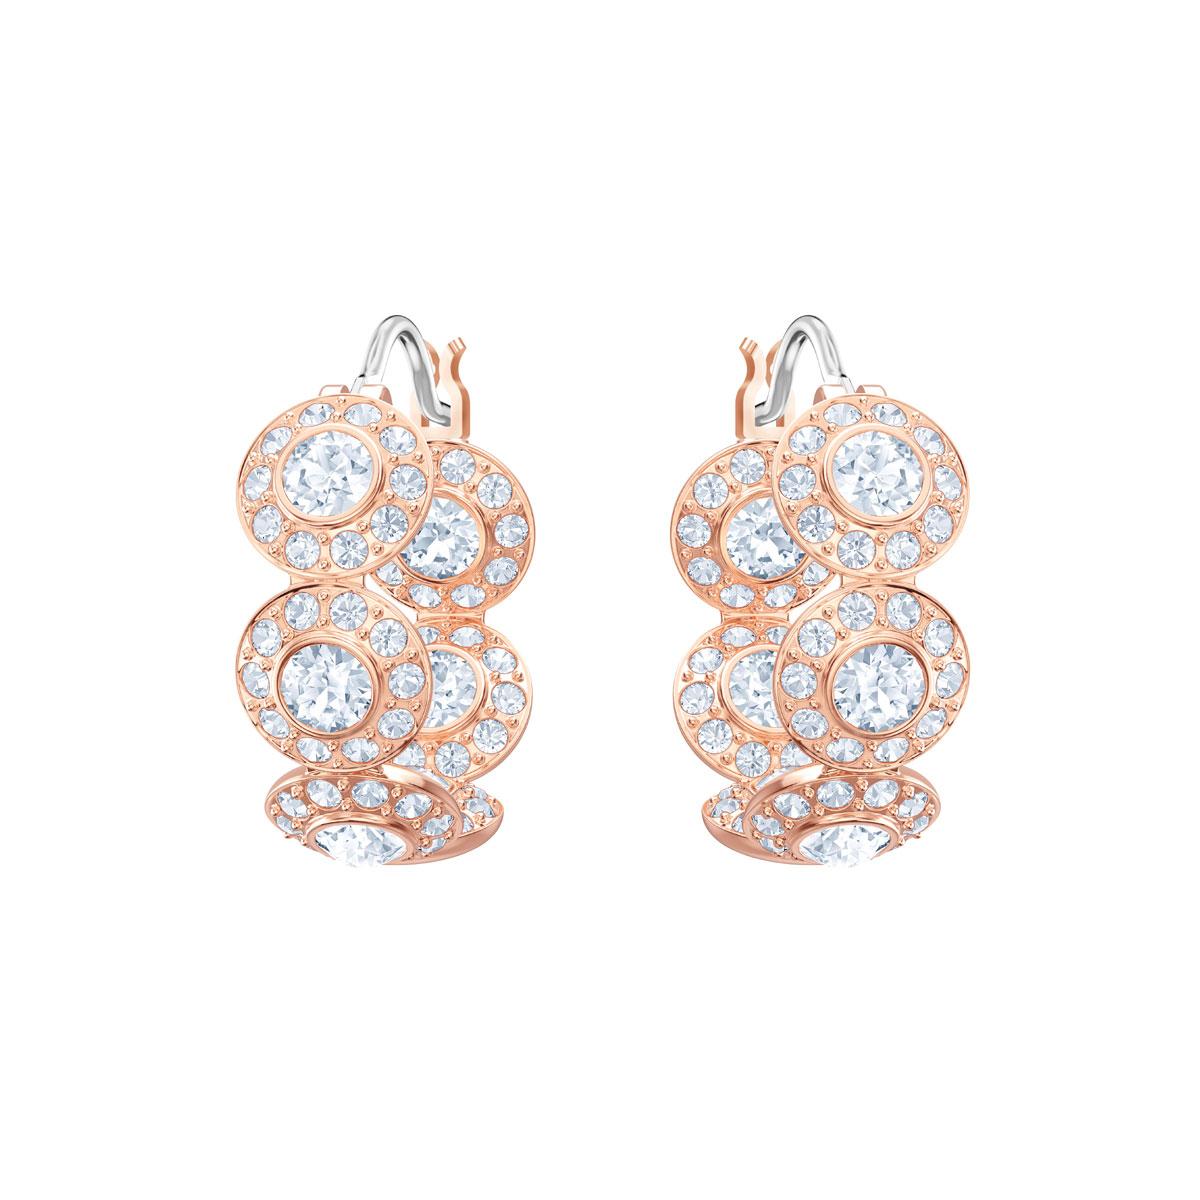 Swarovski Angelic Crystal and Rose Gold Hoop Pierced Earrings Pair